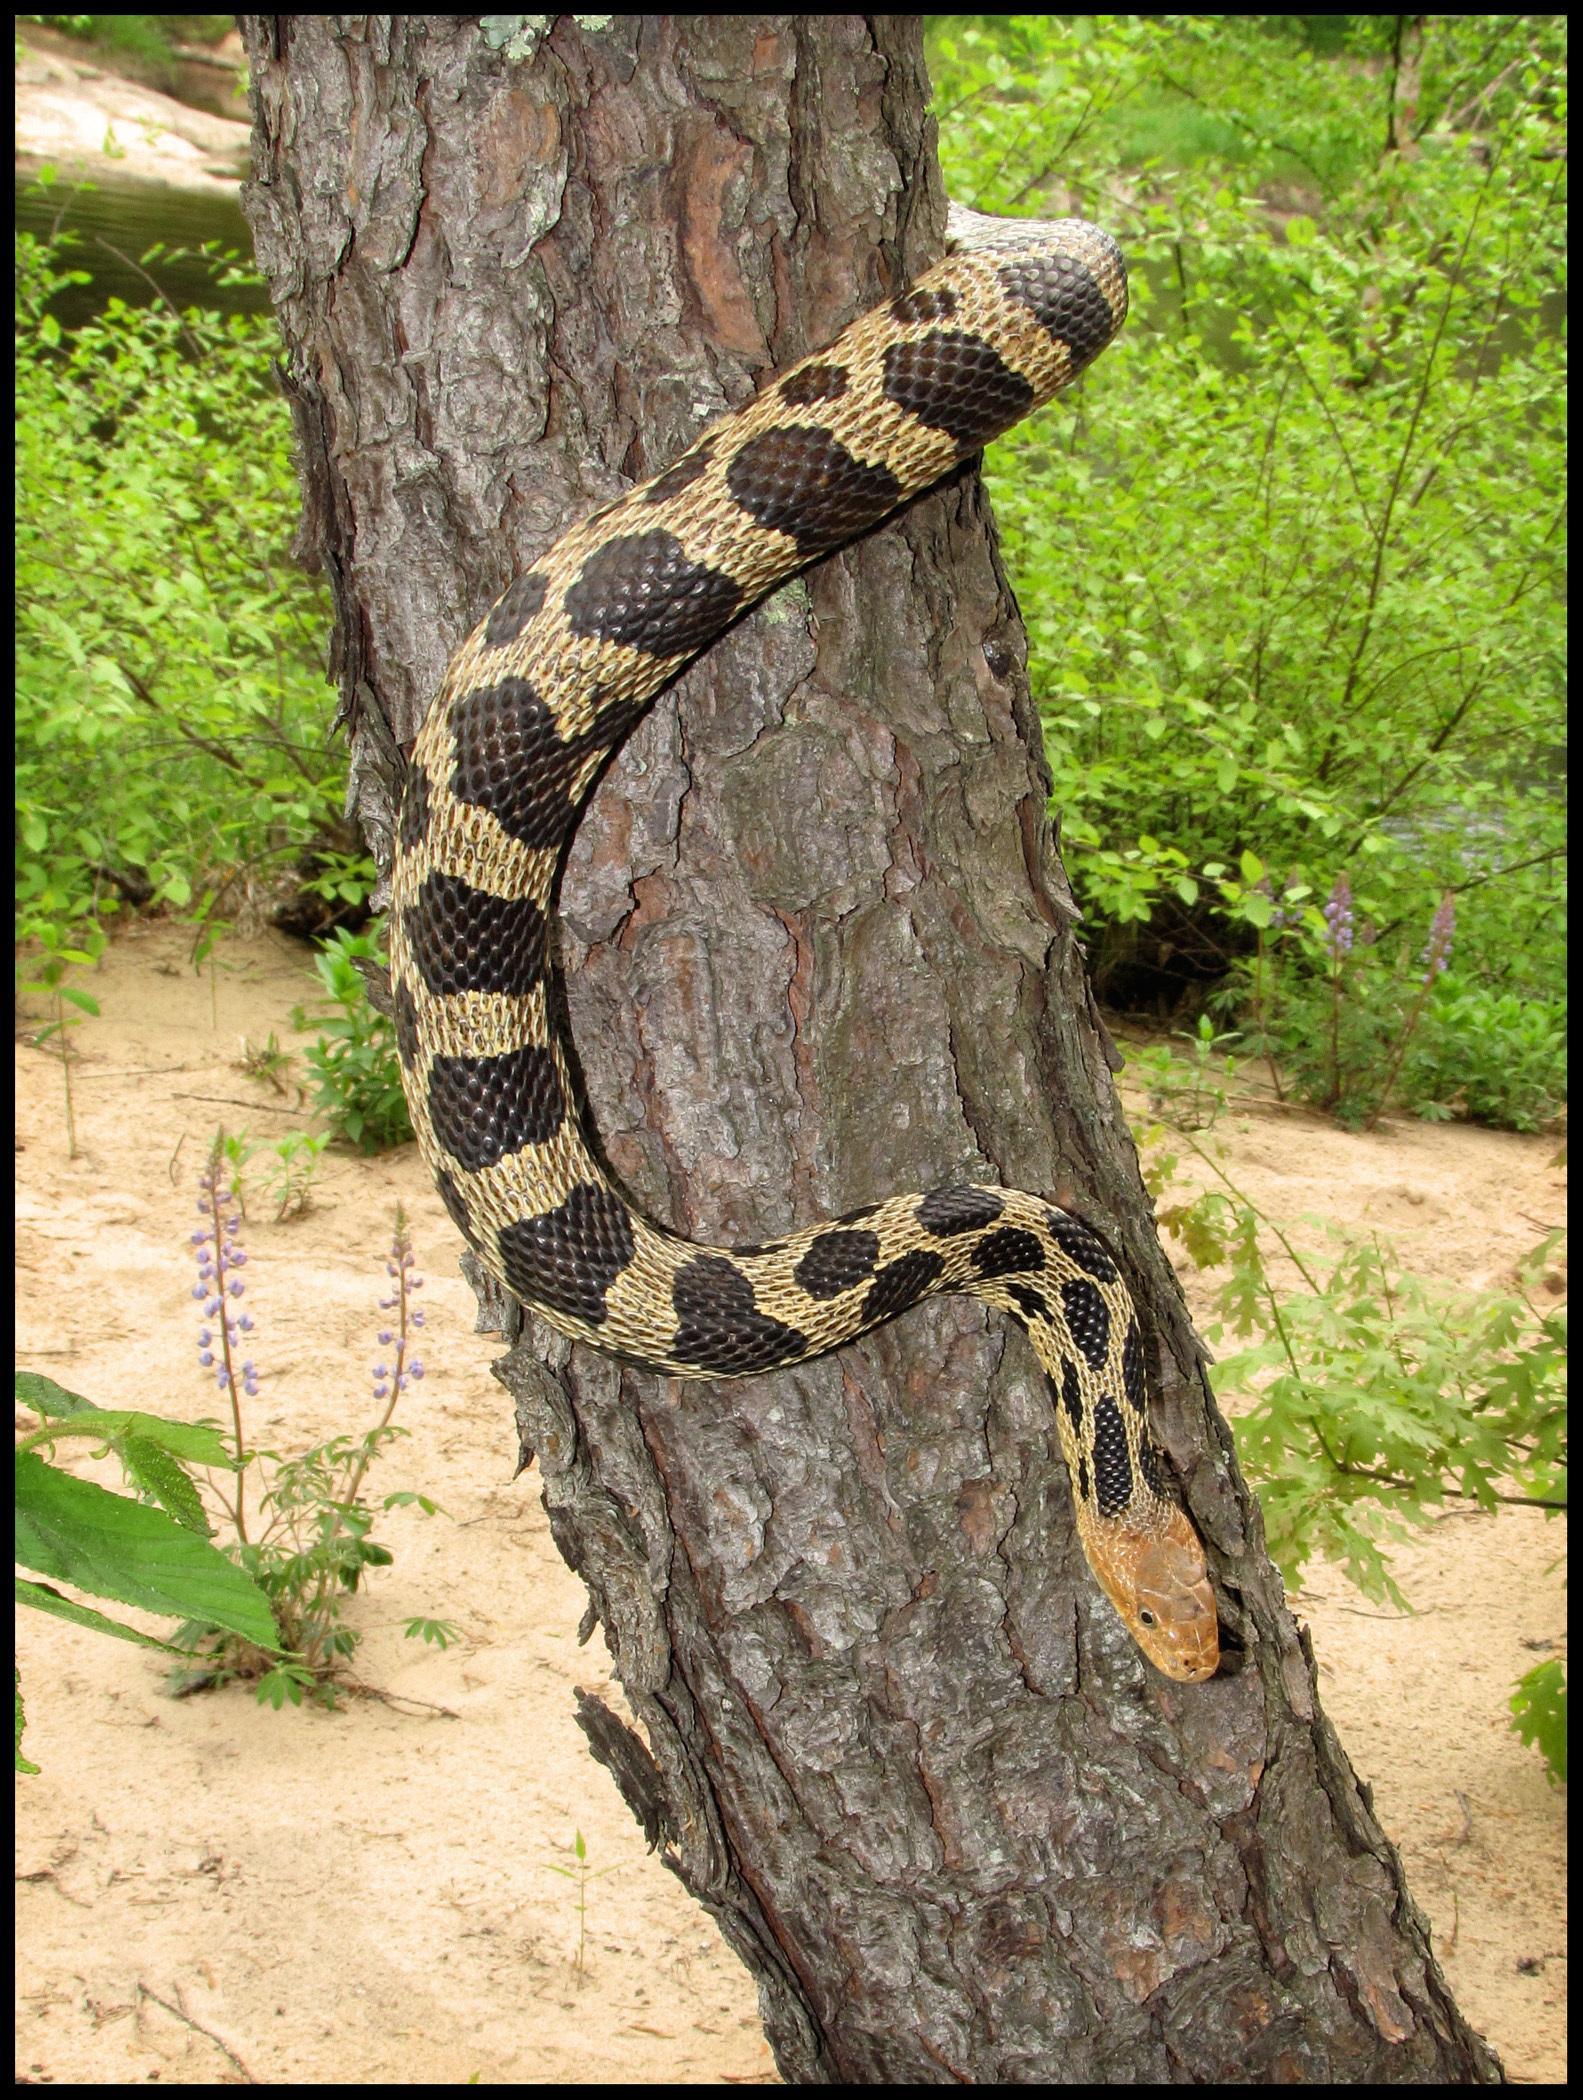 Image of Eastern Fox Snake